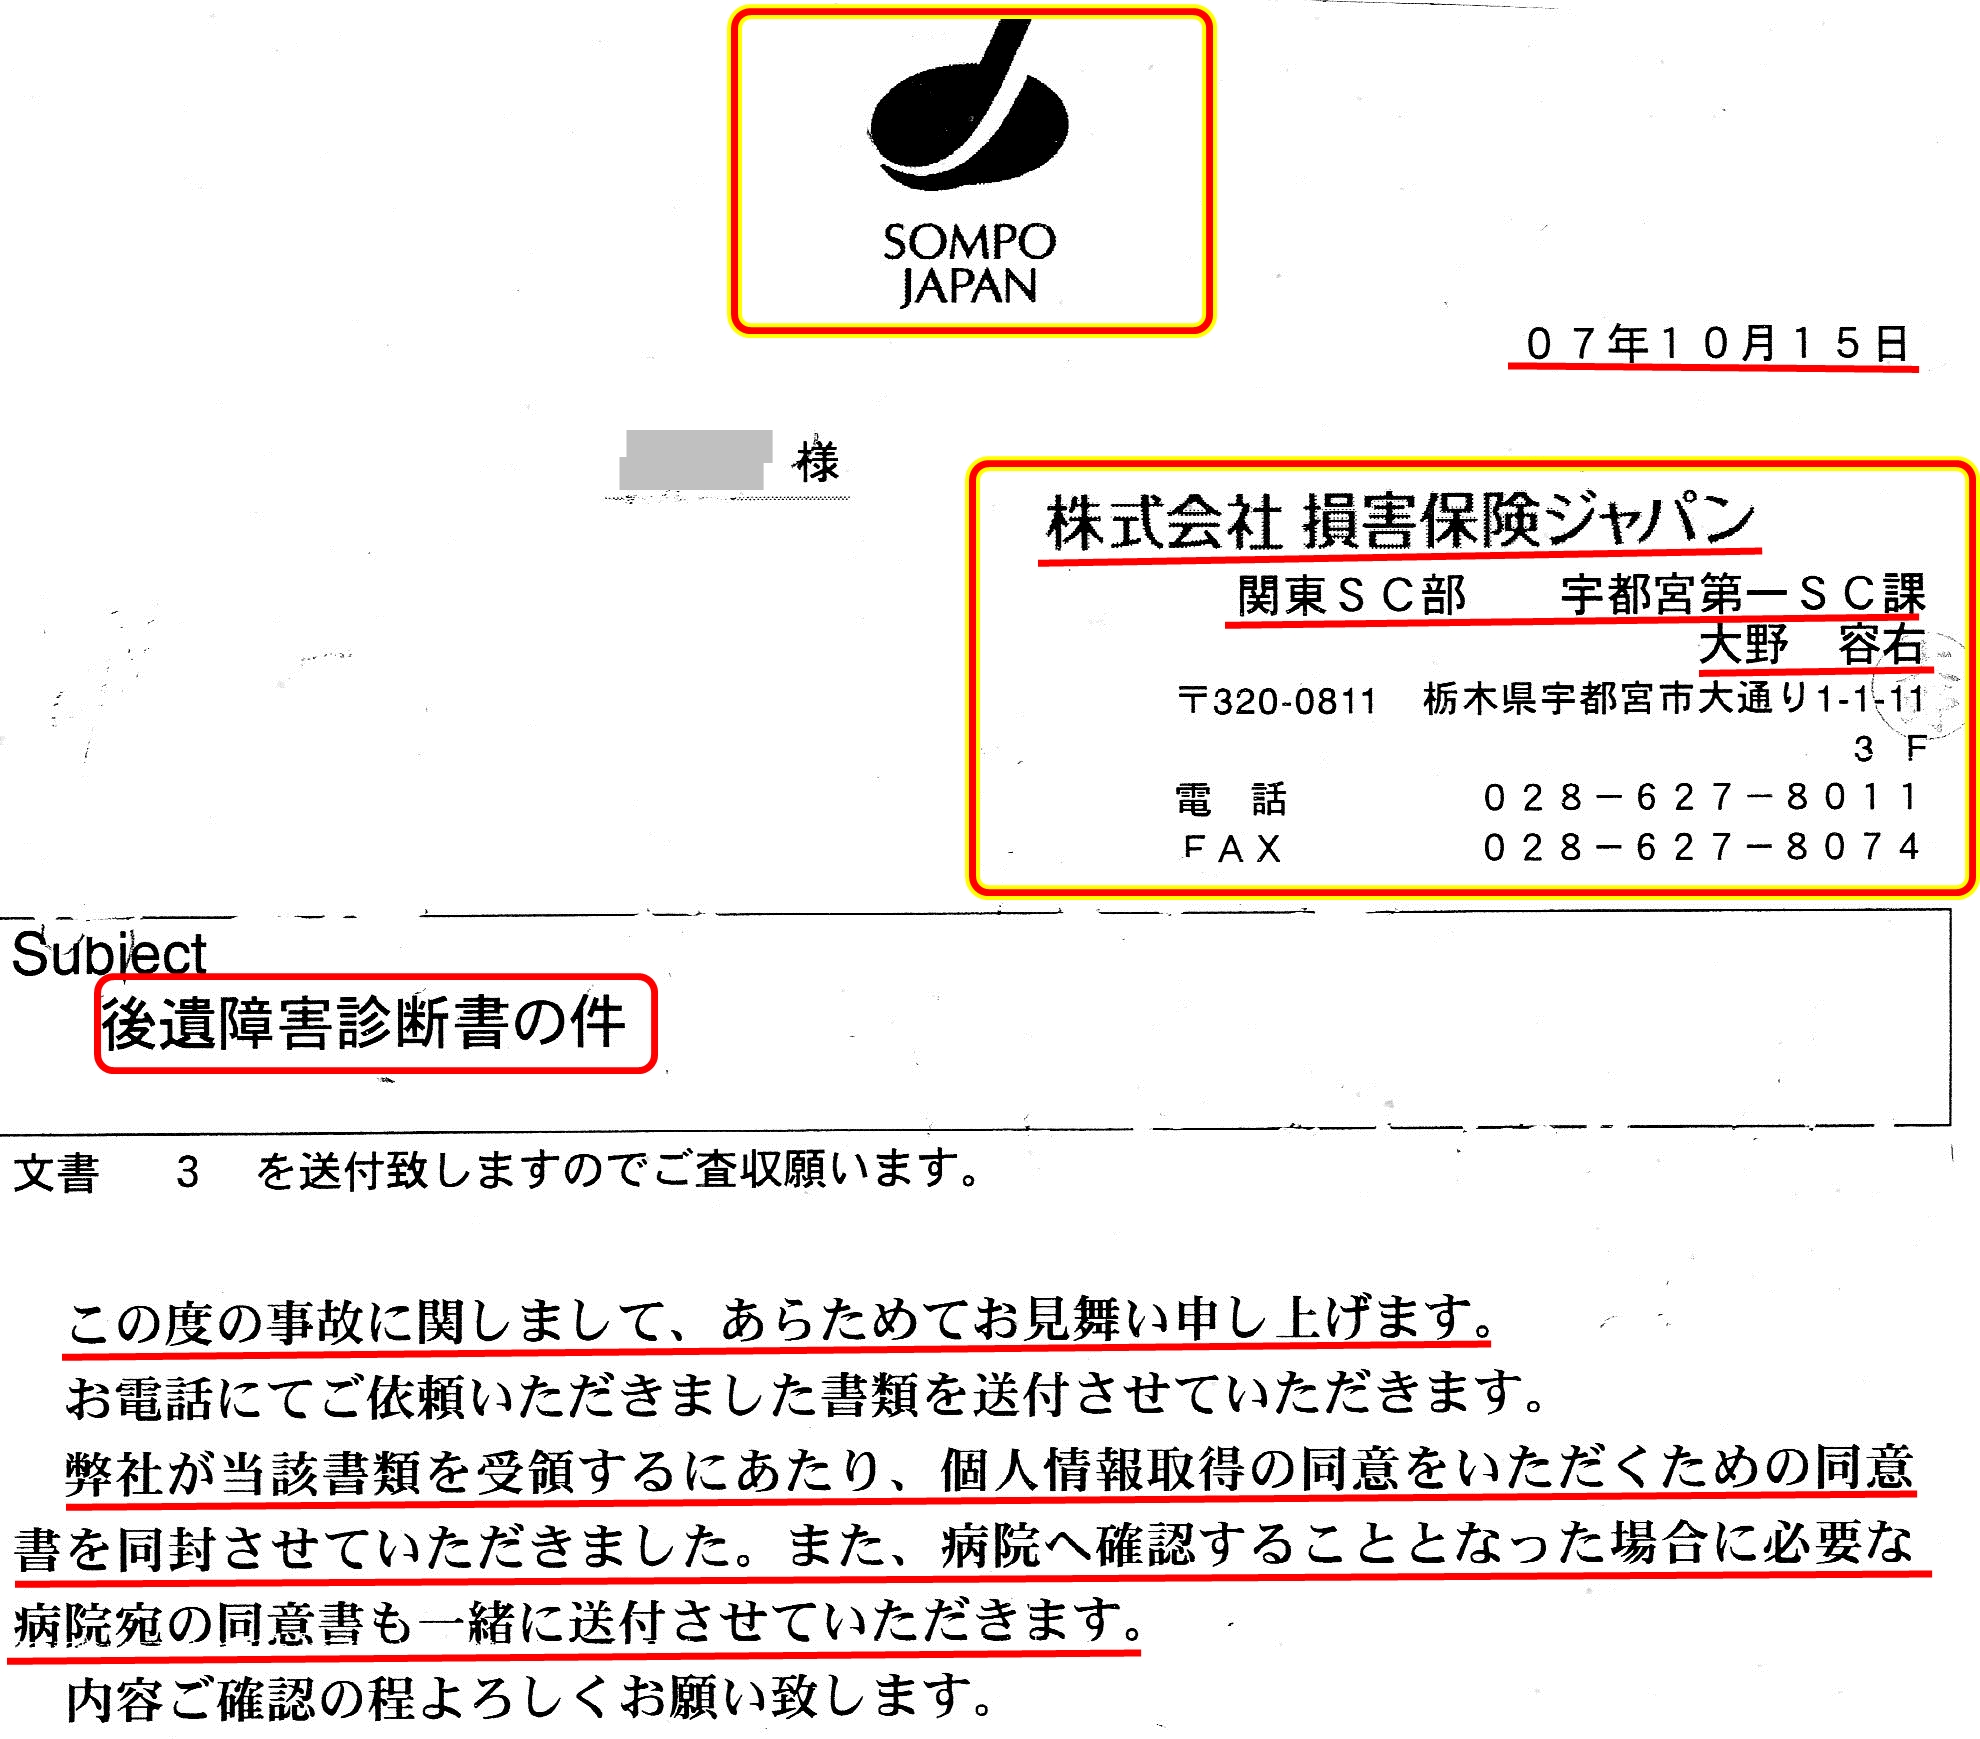 損保ジャパン日本興亜営業担当